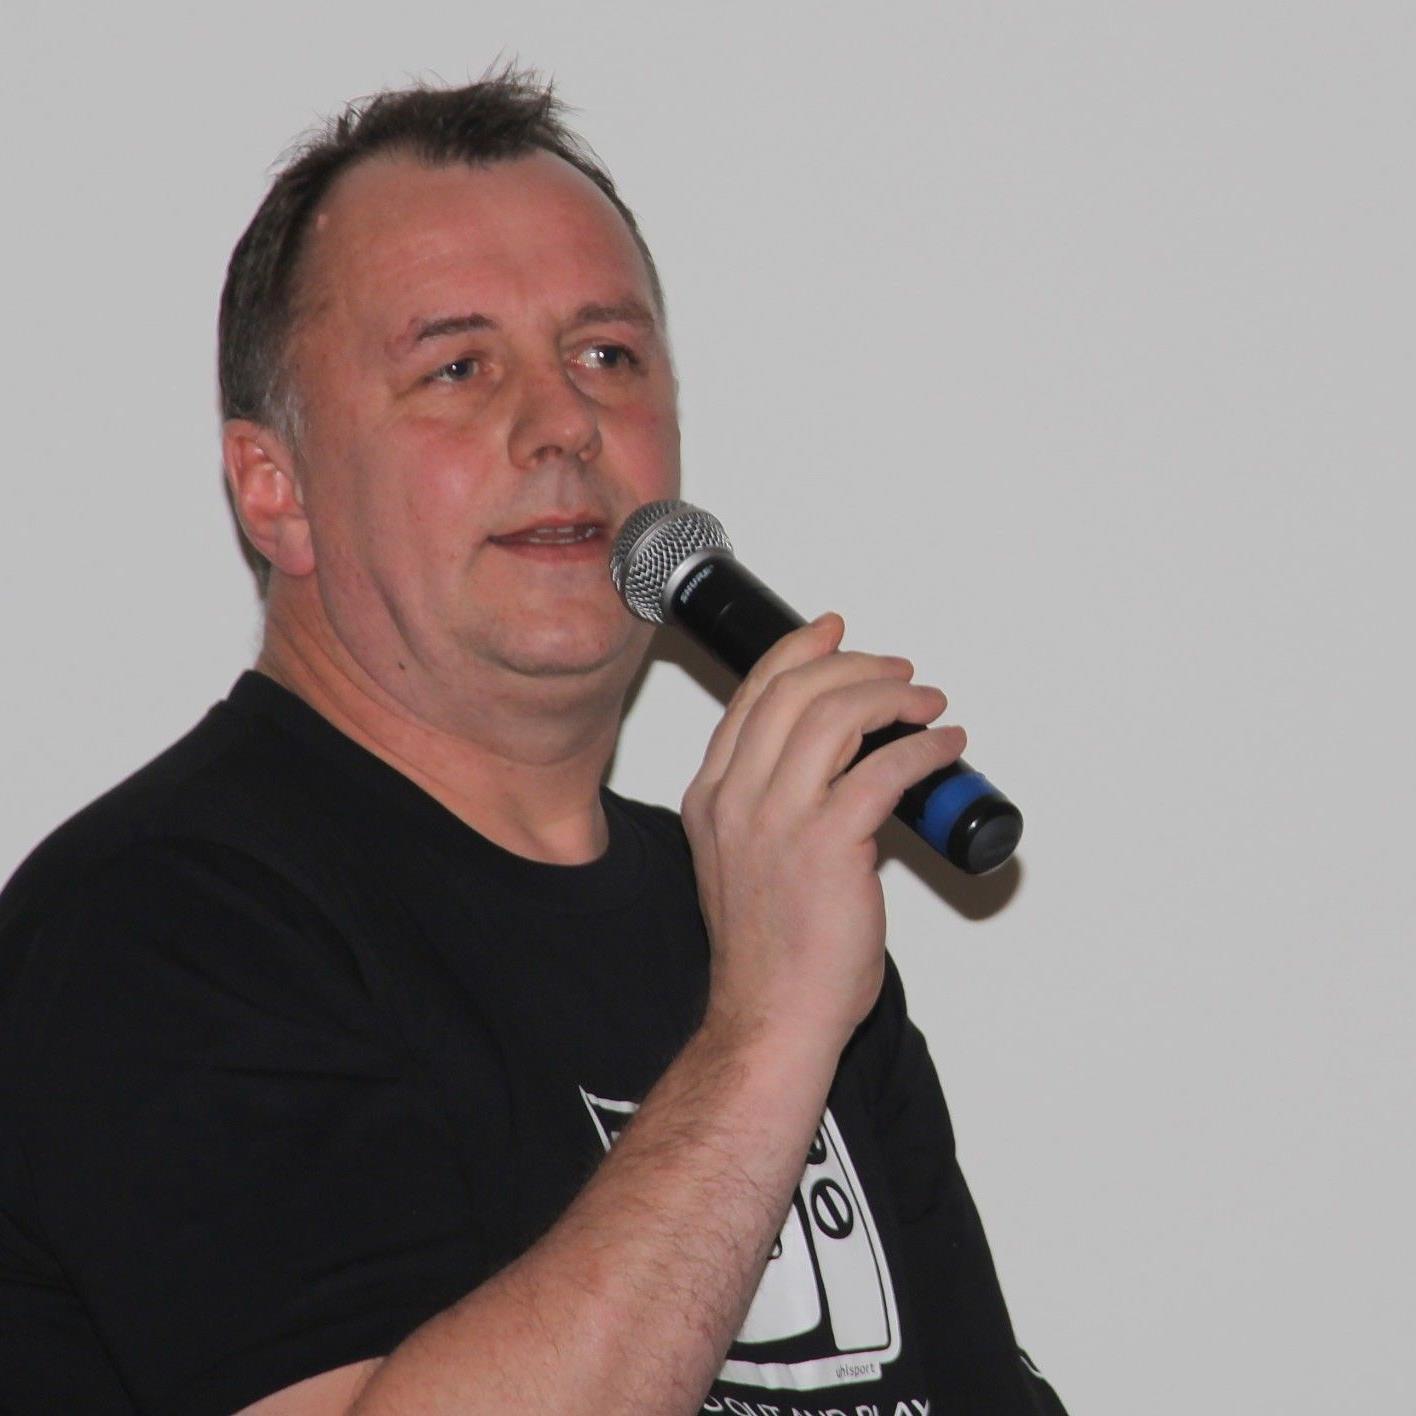 Ideengeber und Hallensprecher des Wolfurter Hallenmasters: Hans Peter Meusburger seine Stimme hat Gewicht.